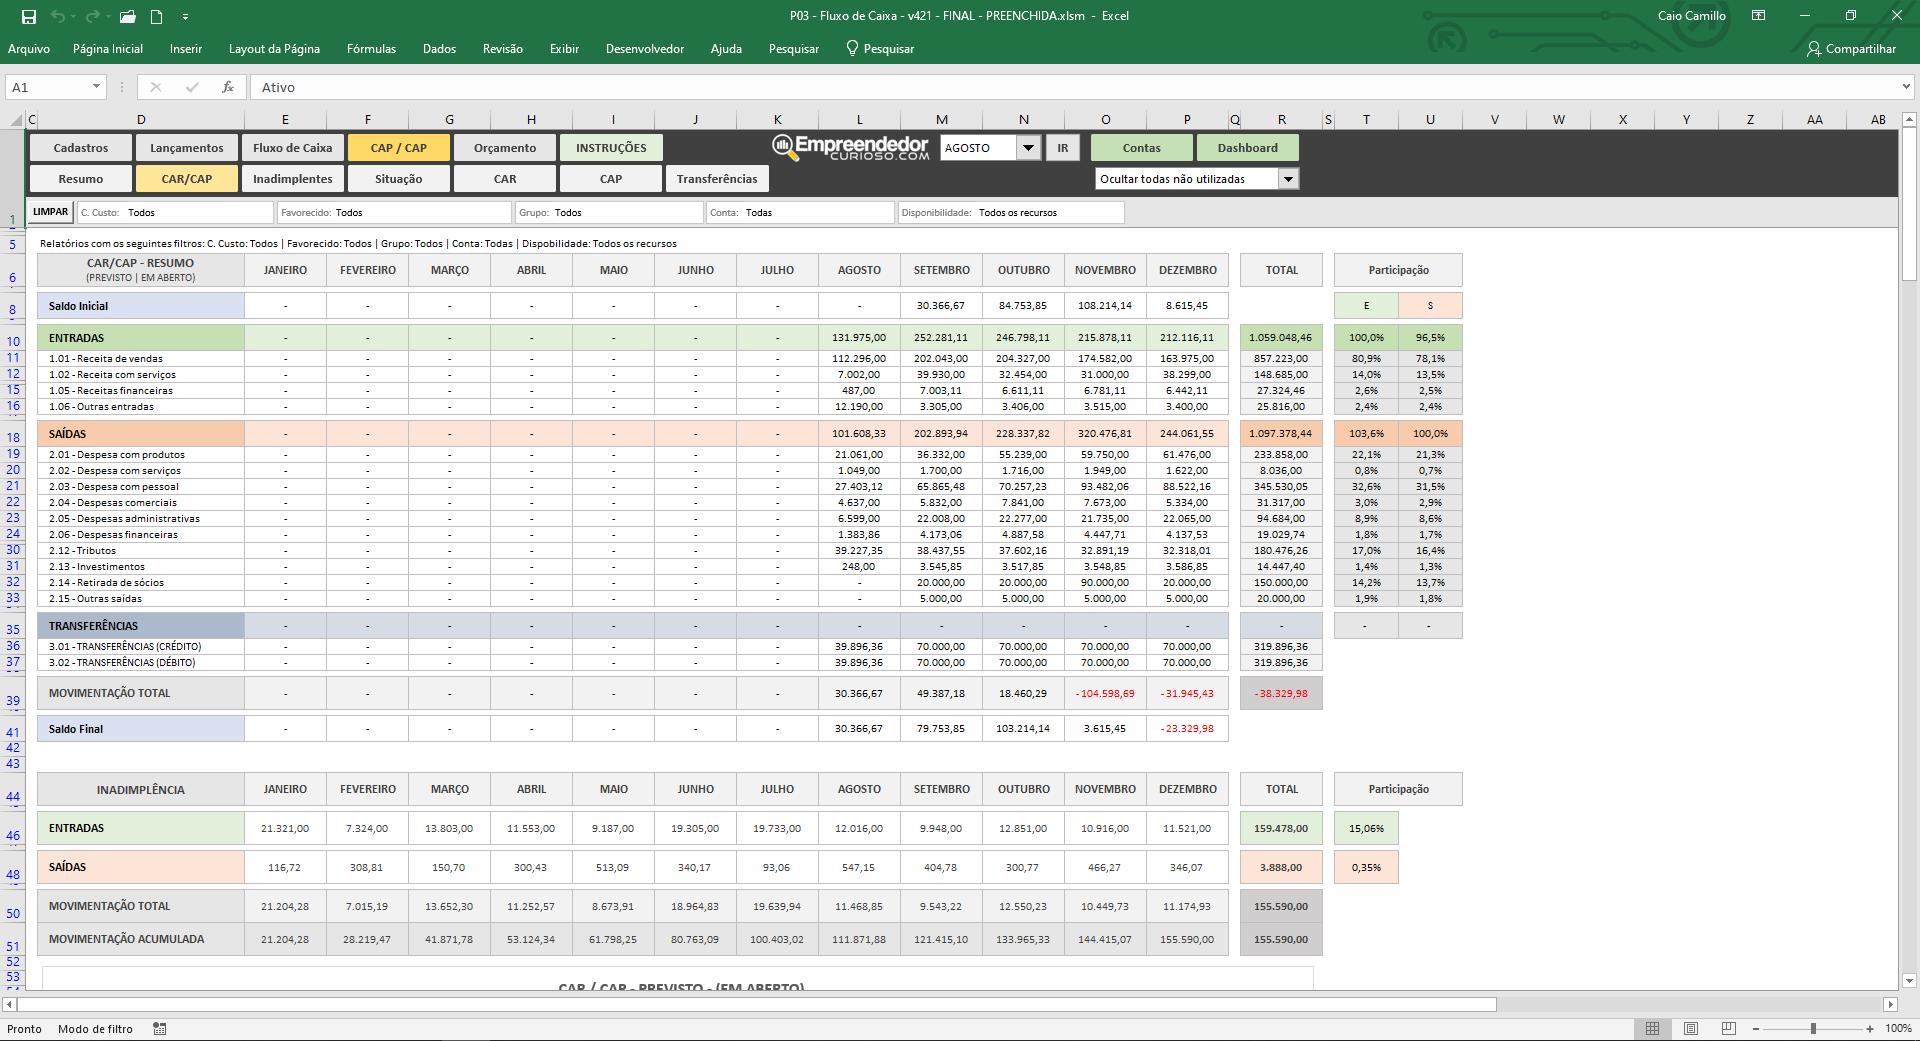 planilha de fluxo de caixa, controle financeiro - Controle de contas a pagar e contas a receber - Previsão de caixa.